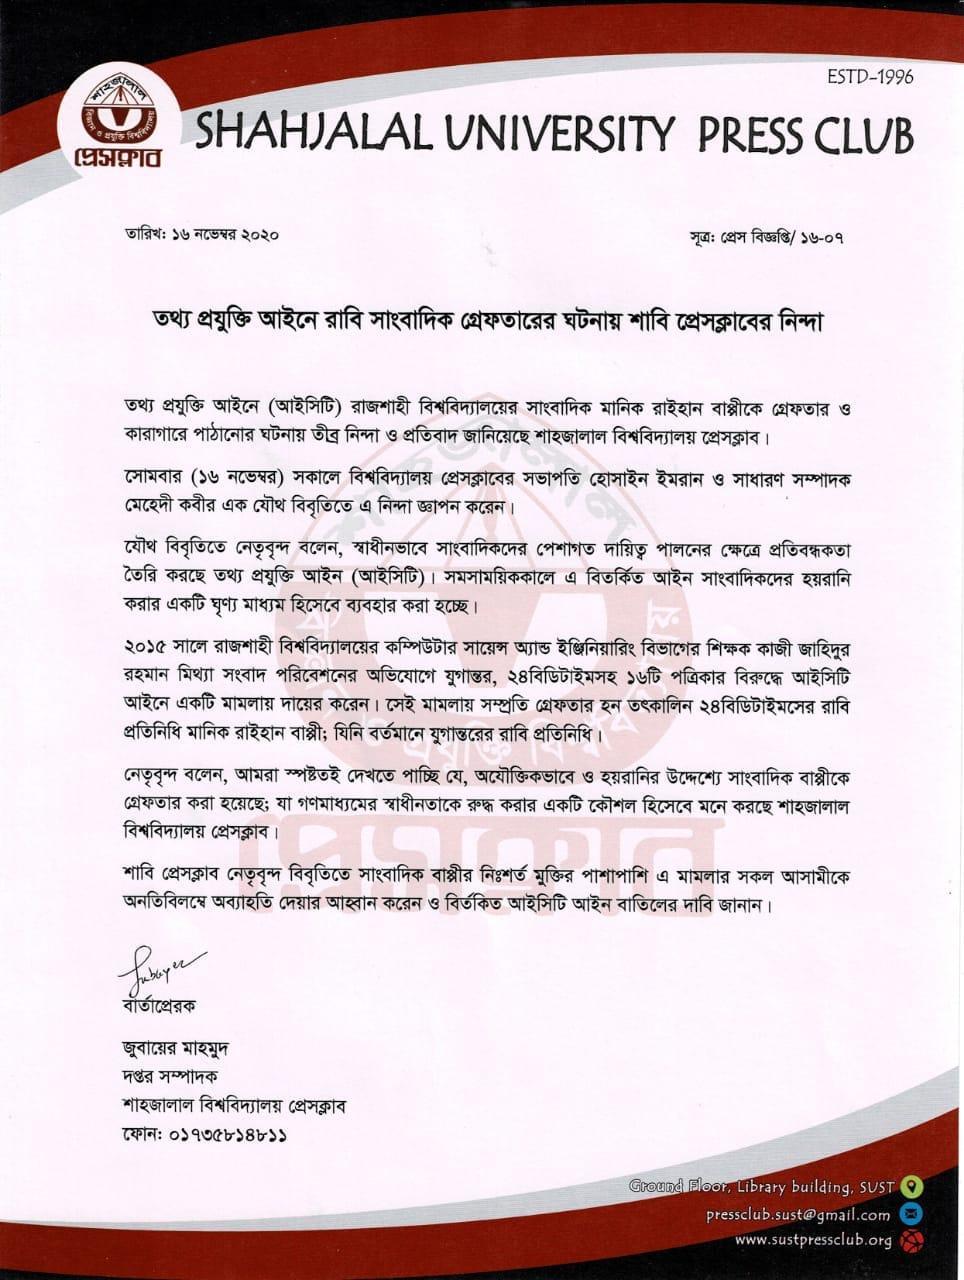 তথ্য প্রযুক্তি আইনে রাবি সাংবাদিক গ্রেফতারের ঘটনায় শাবি প্রেসক্লাবের নিন্দা